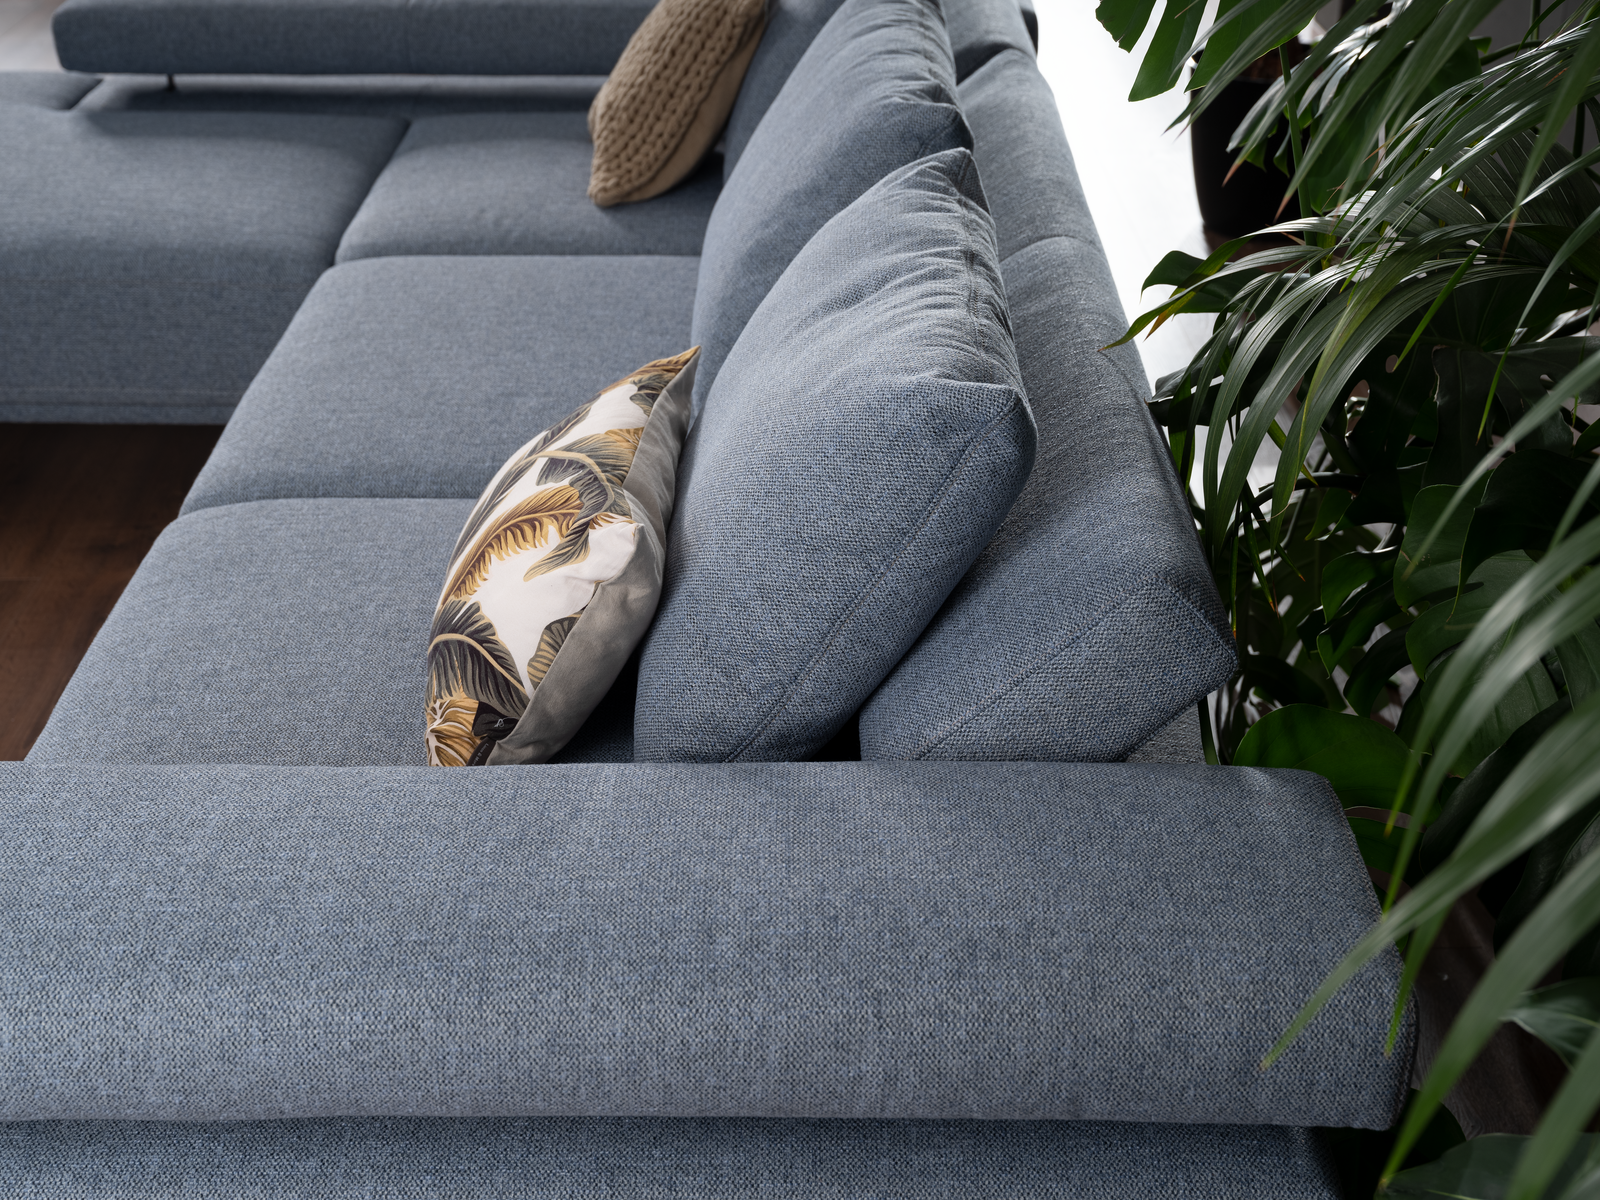 Detailbild von Sofa Roger in hellblauem Stoff, losem Rückenkissen und verstellbarer Armlehne.